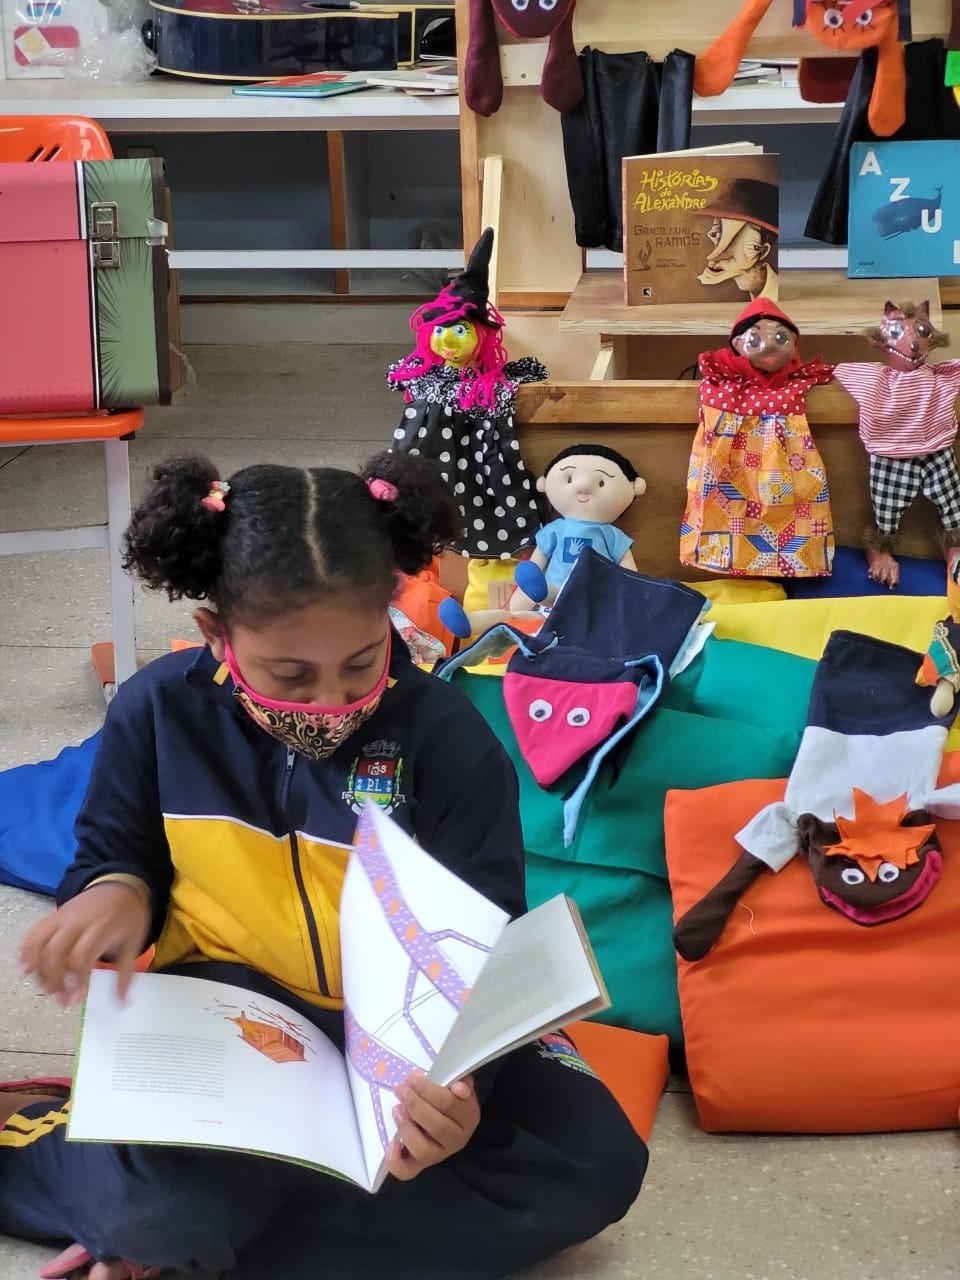 Menina sentada no chão da escola entre as almofadas, lendo o livro que segura com suas mãos e apoia em seu colo.